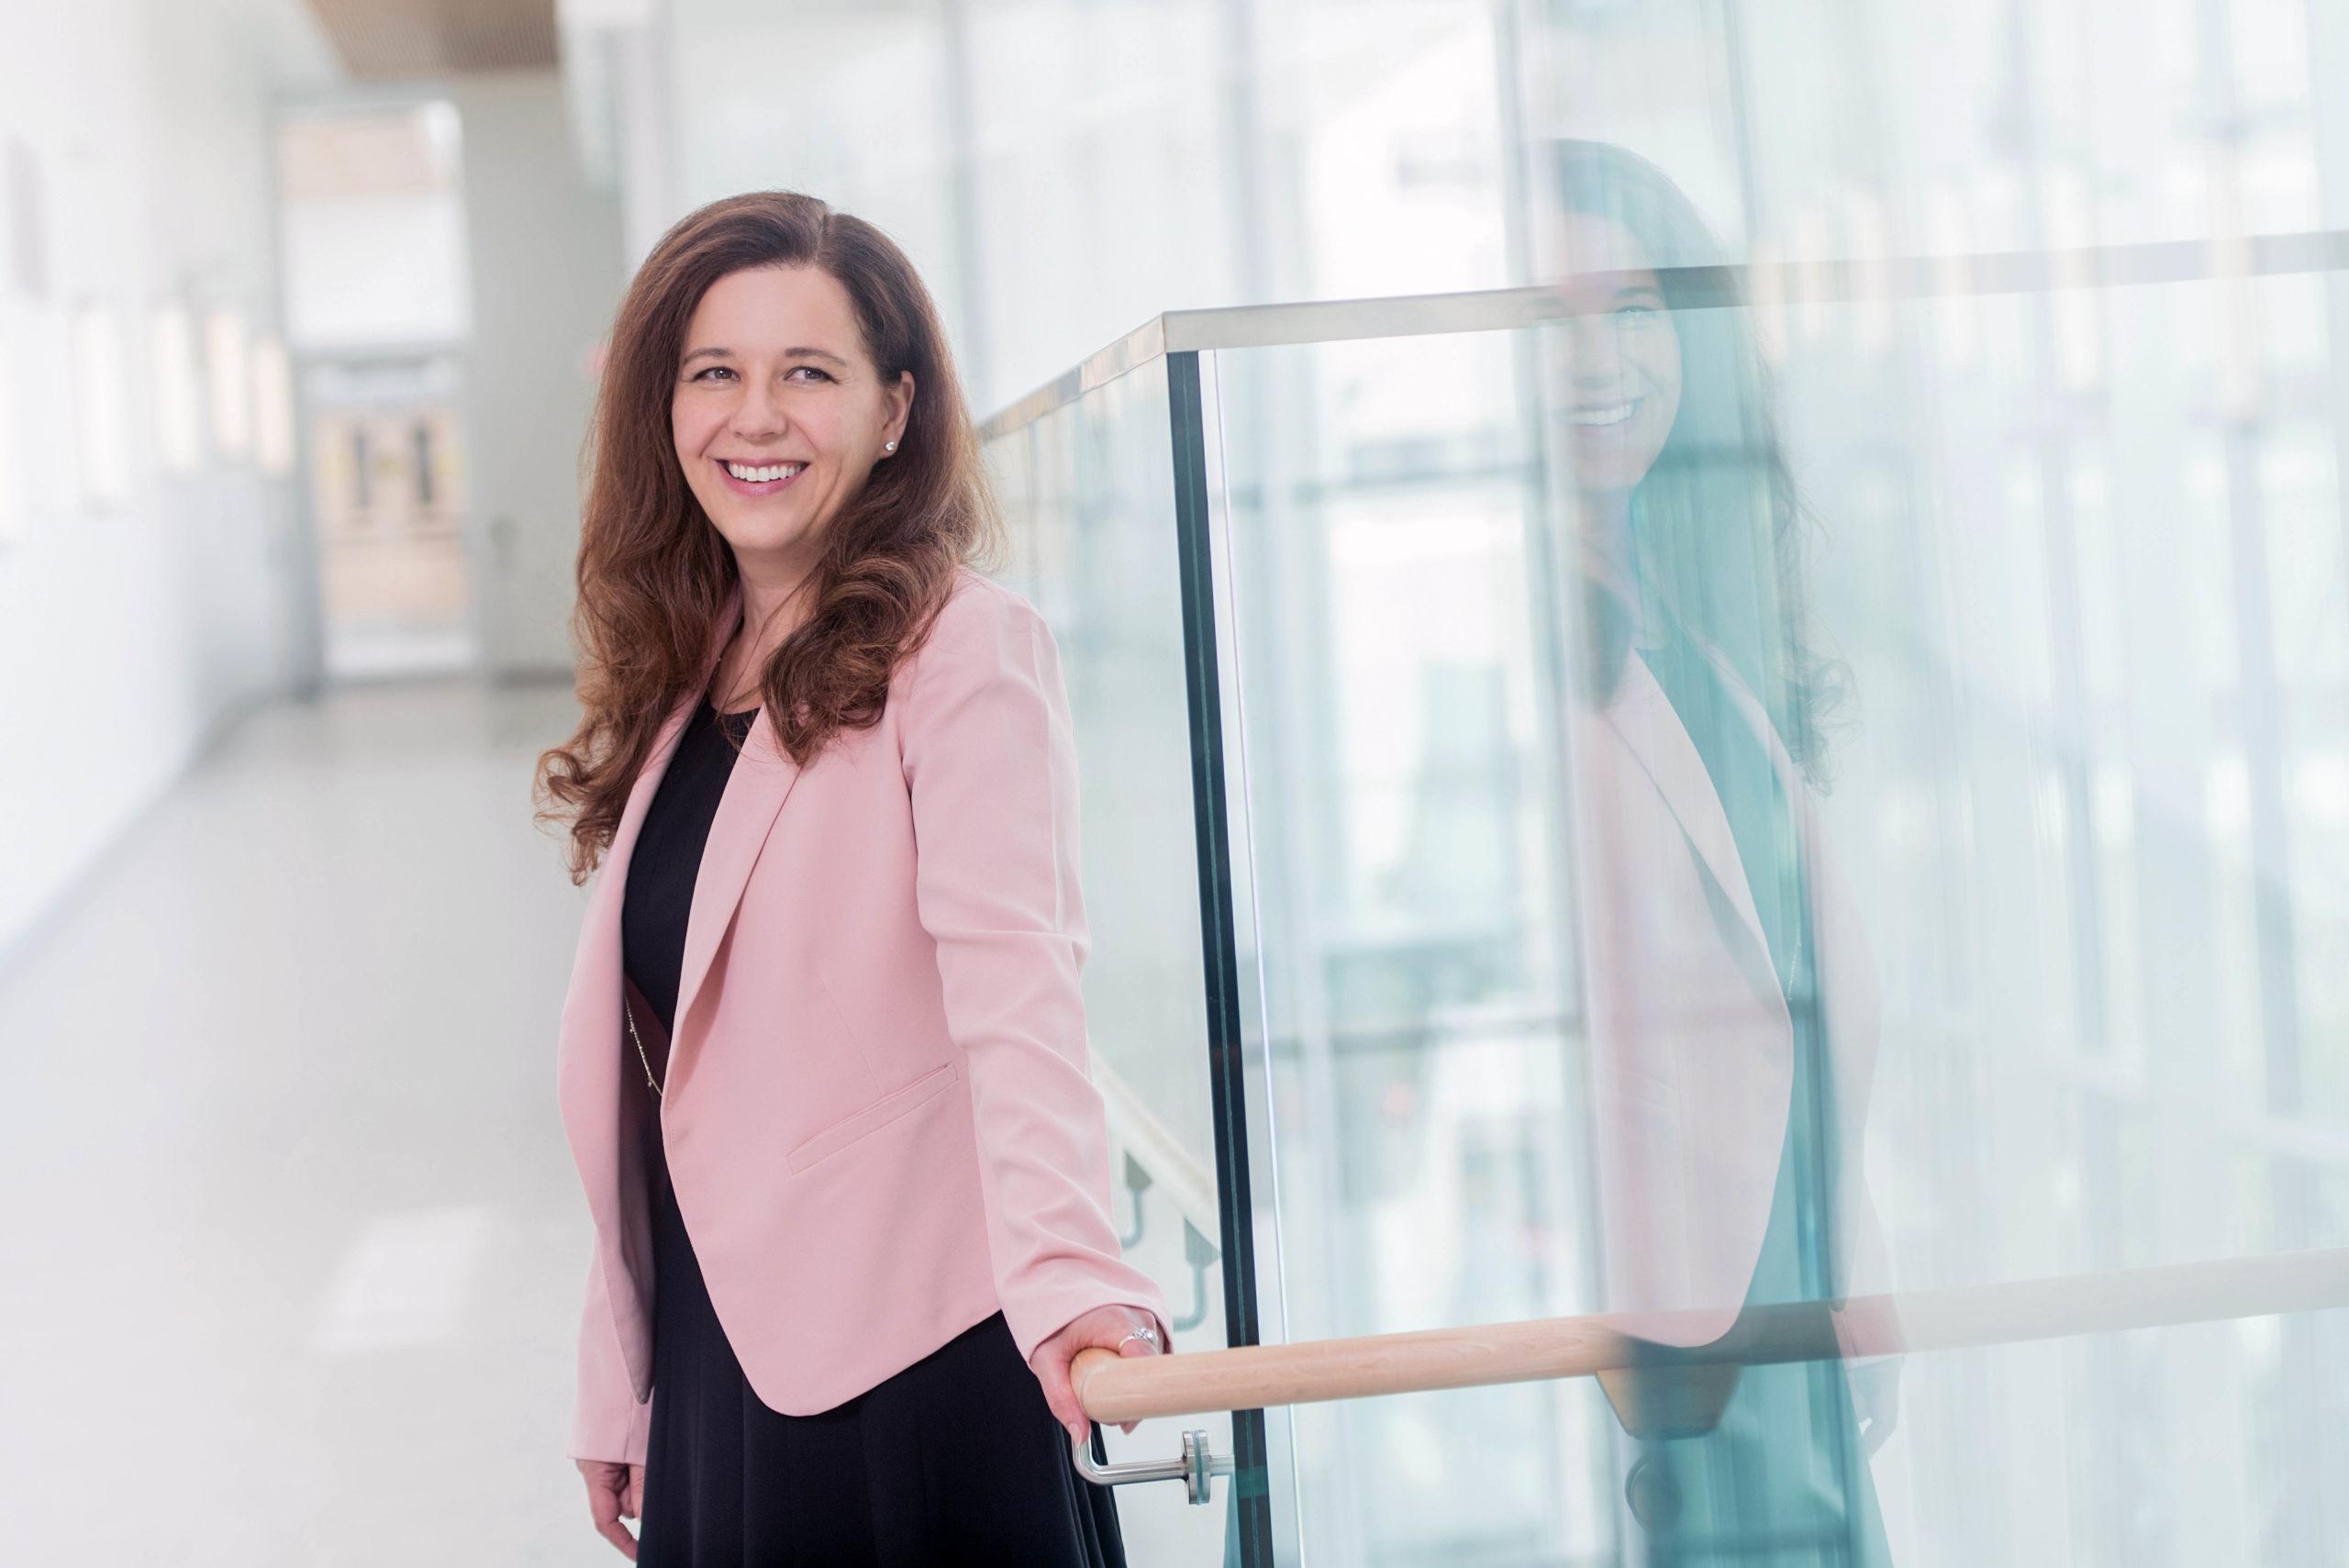 Dr. Liisa Galea